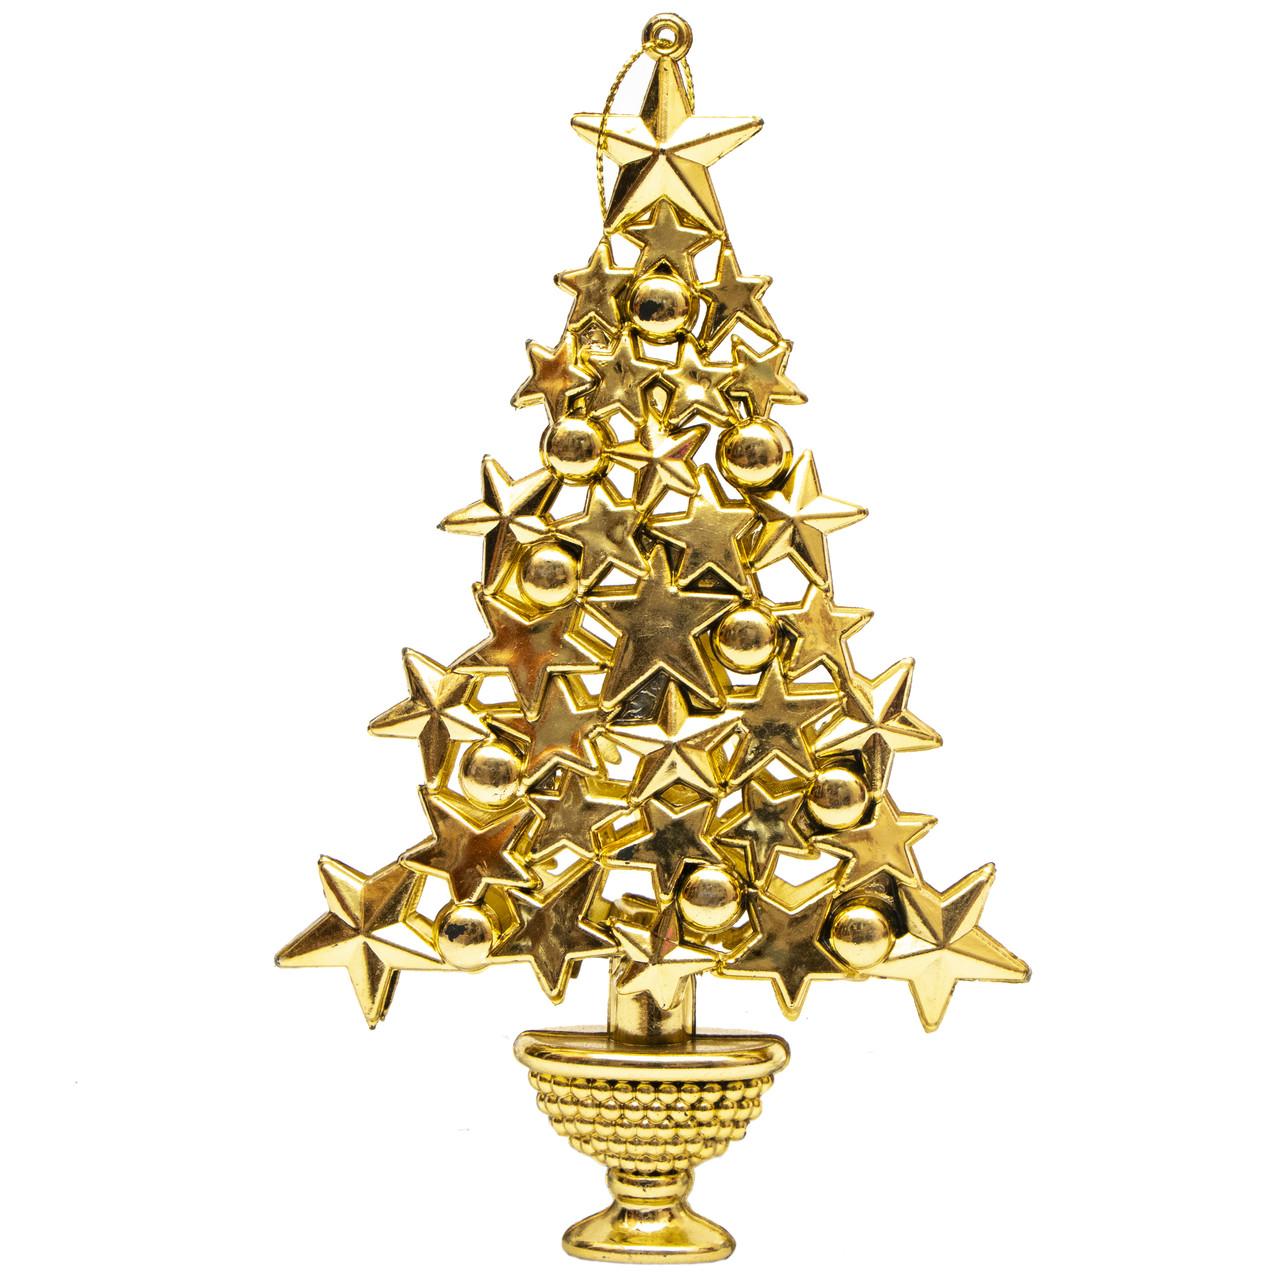 Елочная игрушка - Елочка золотая, 16 см, золотистый, пластик (000500)